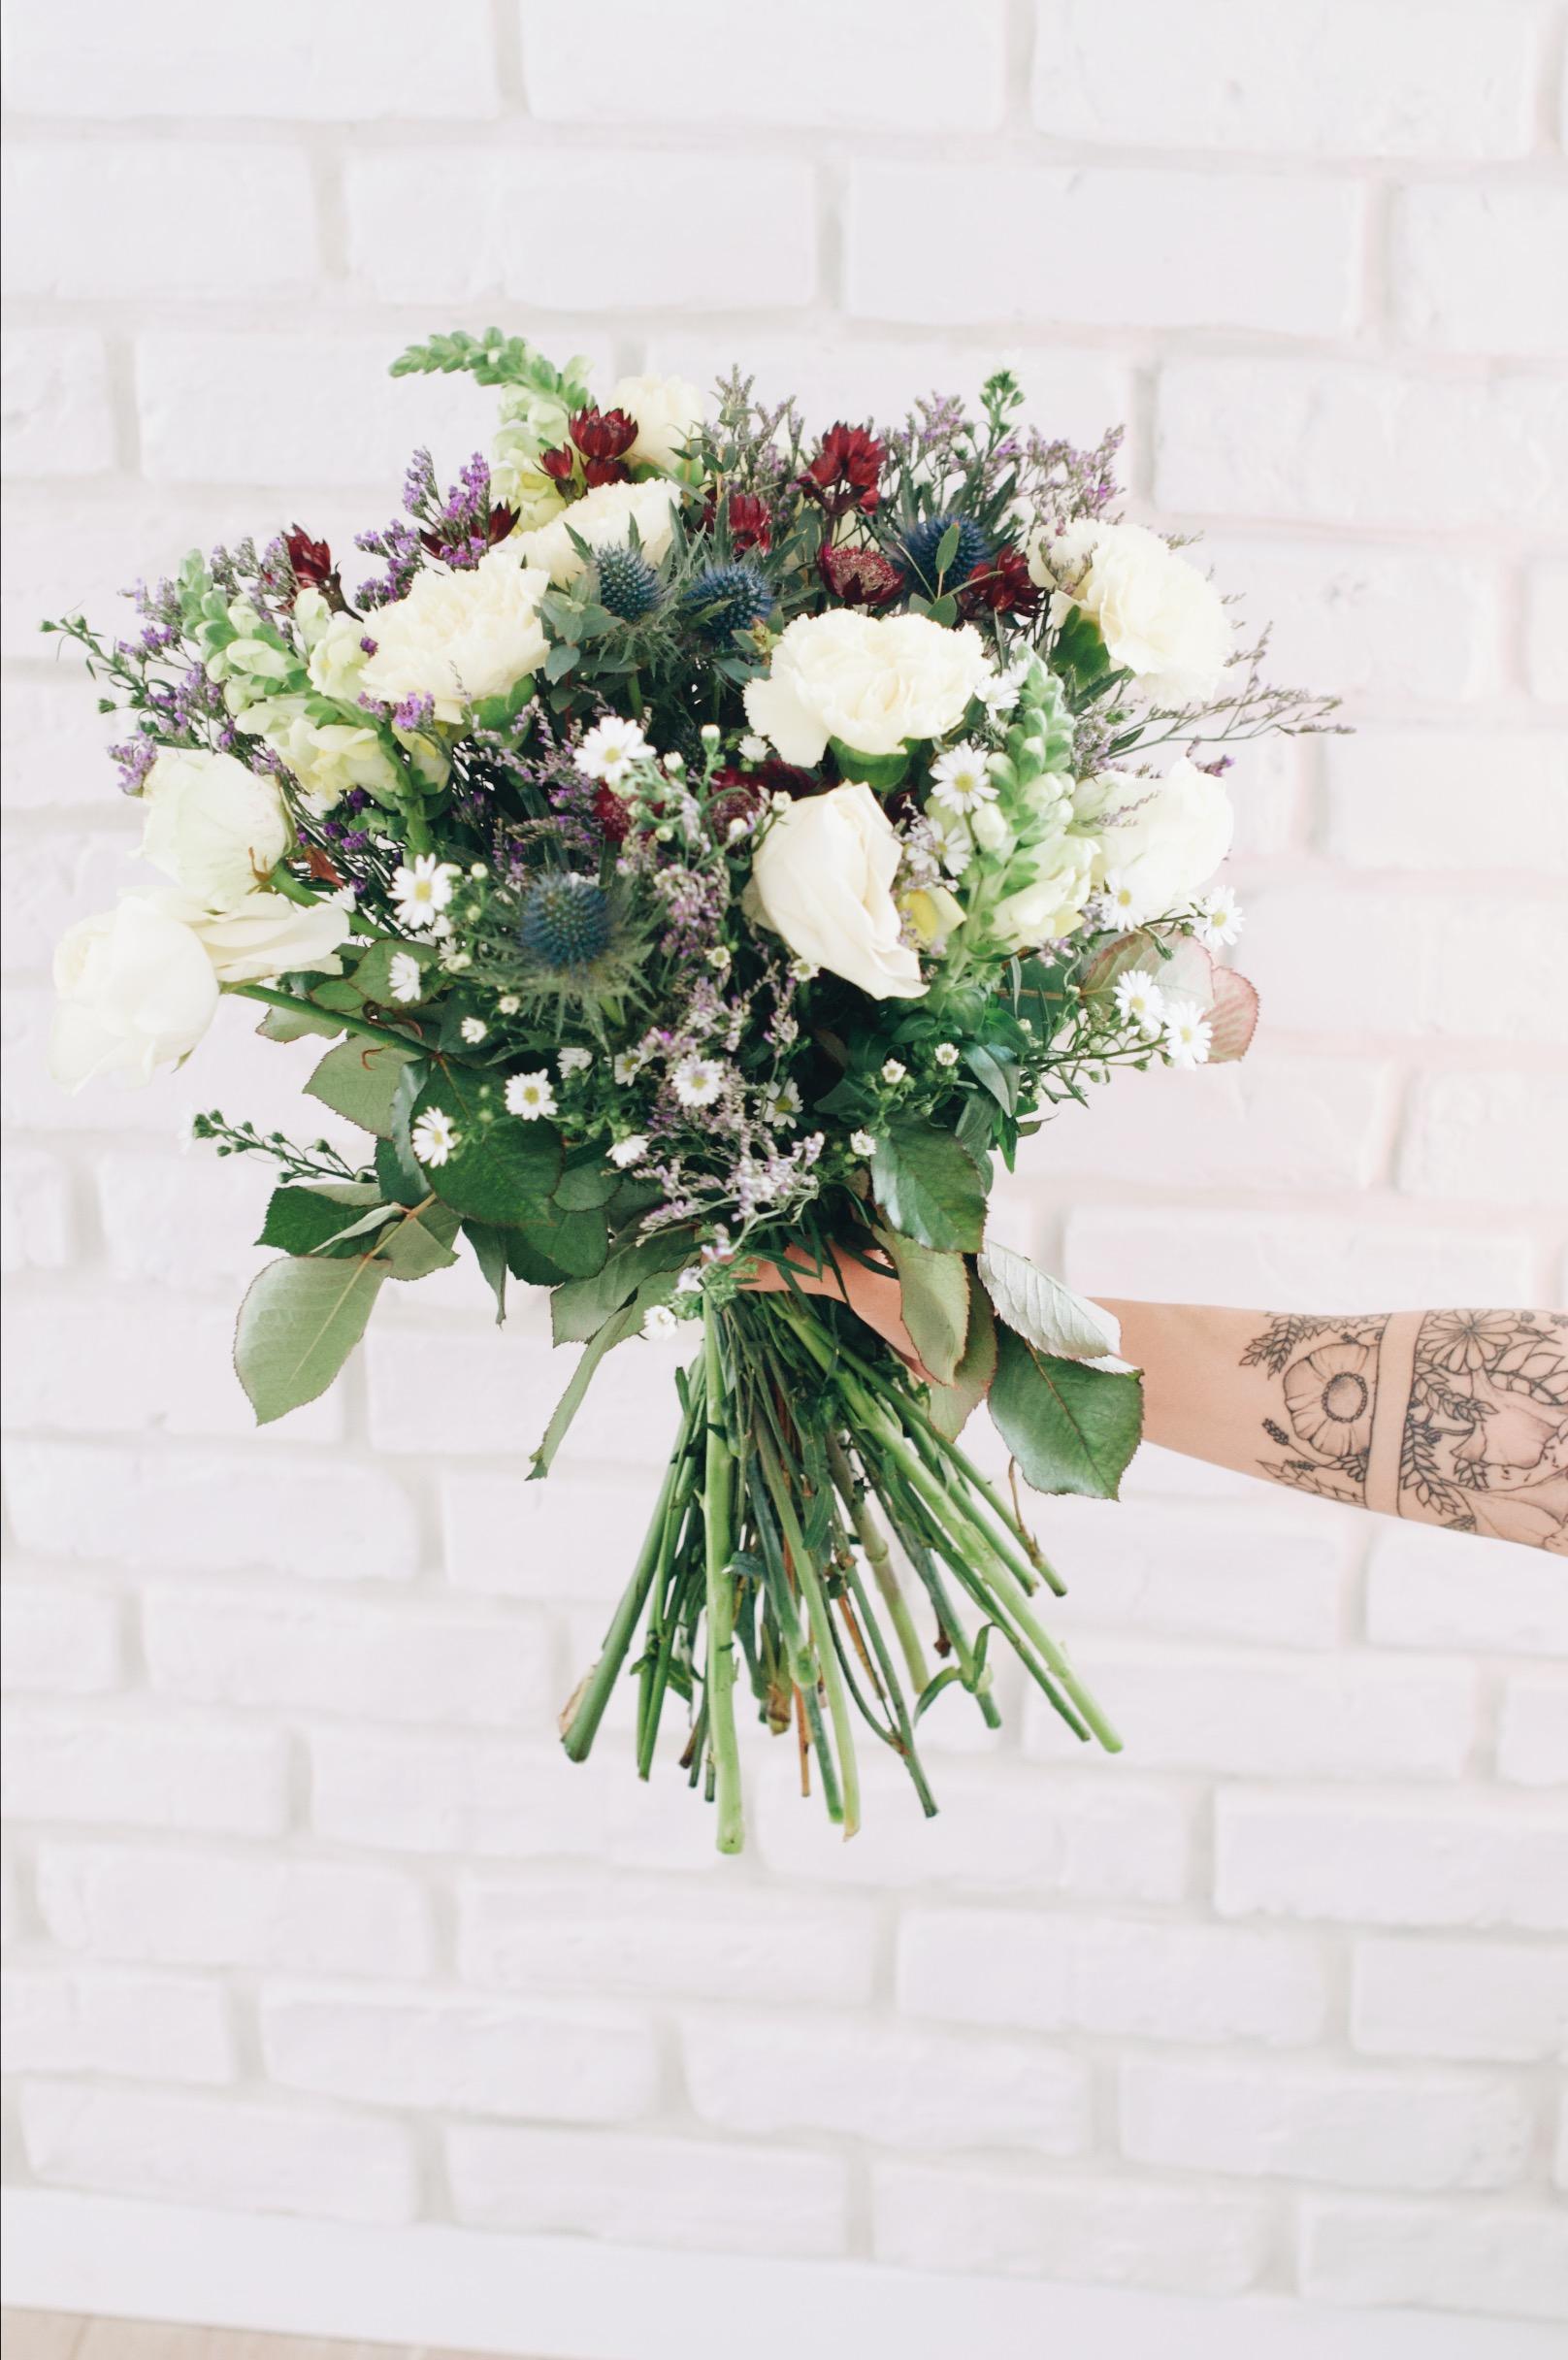 Comment Faire Secher Une Rose Fraiche fleurs tatouées & fleurs fraîches - zess.fr // lifestyle